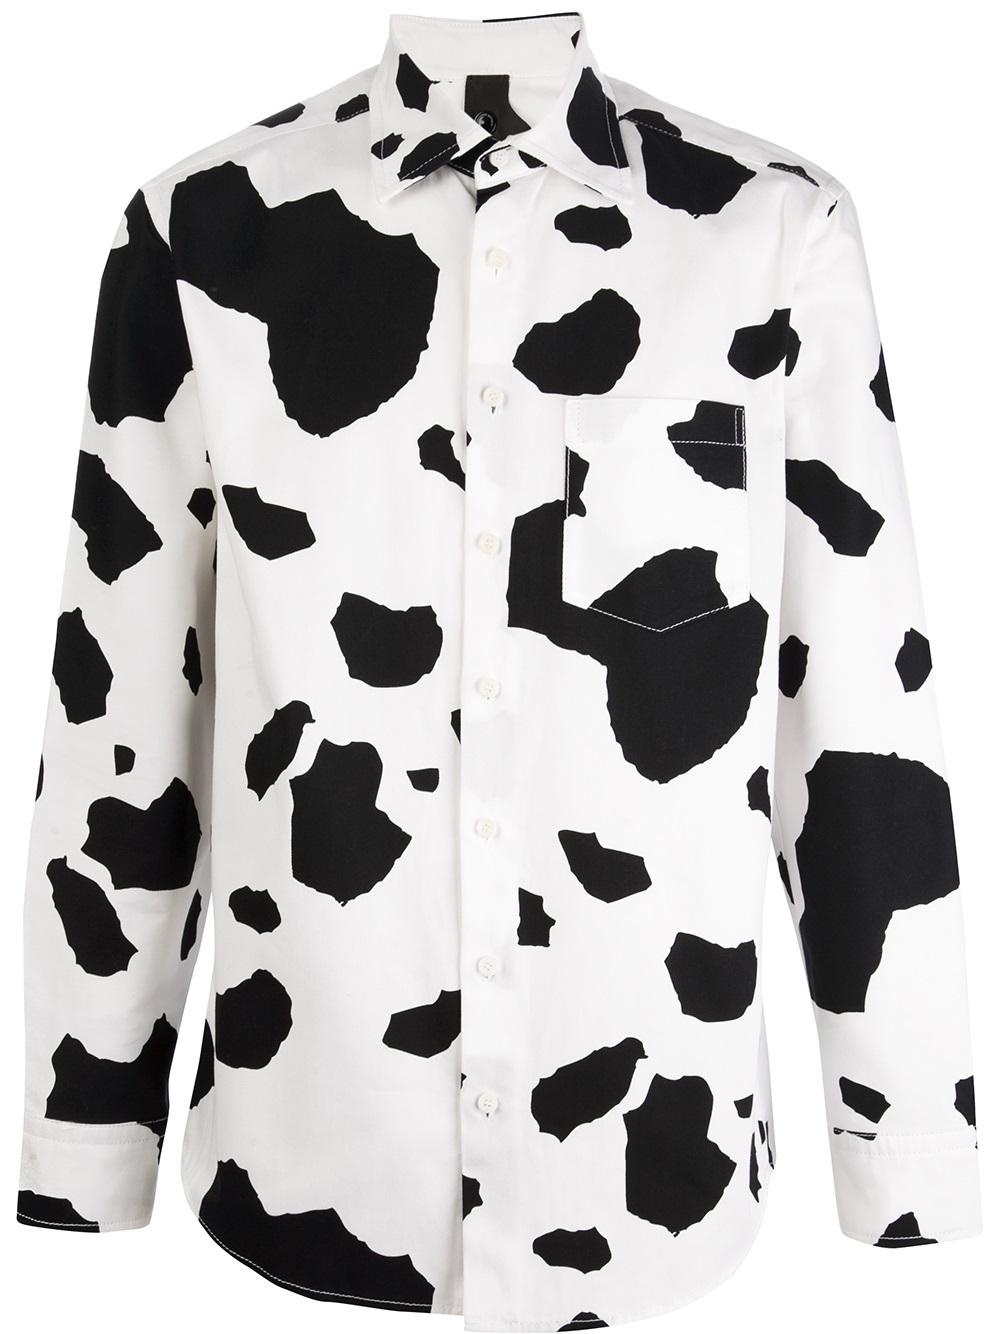 63048834f4 Lyst - Bernhard Willhelm Cow Print Shirt in Black for Men